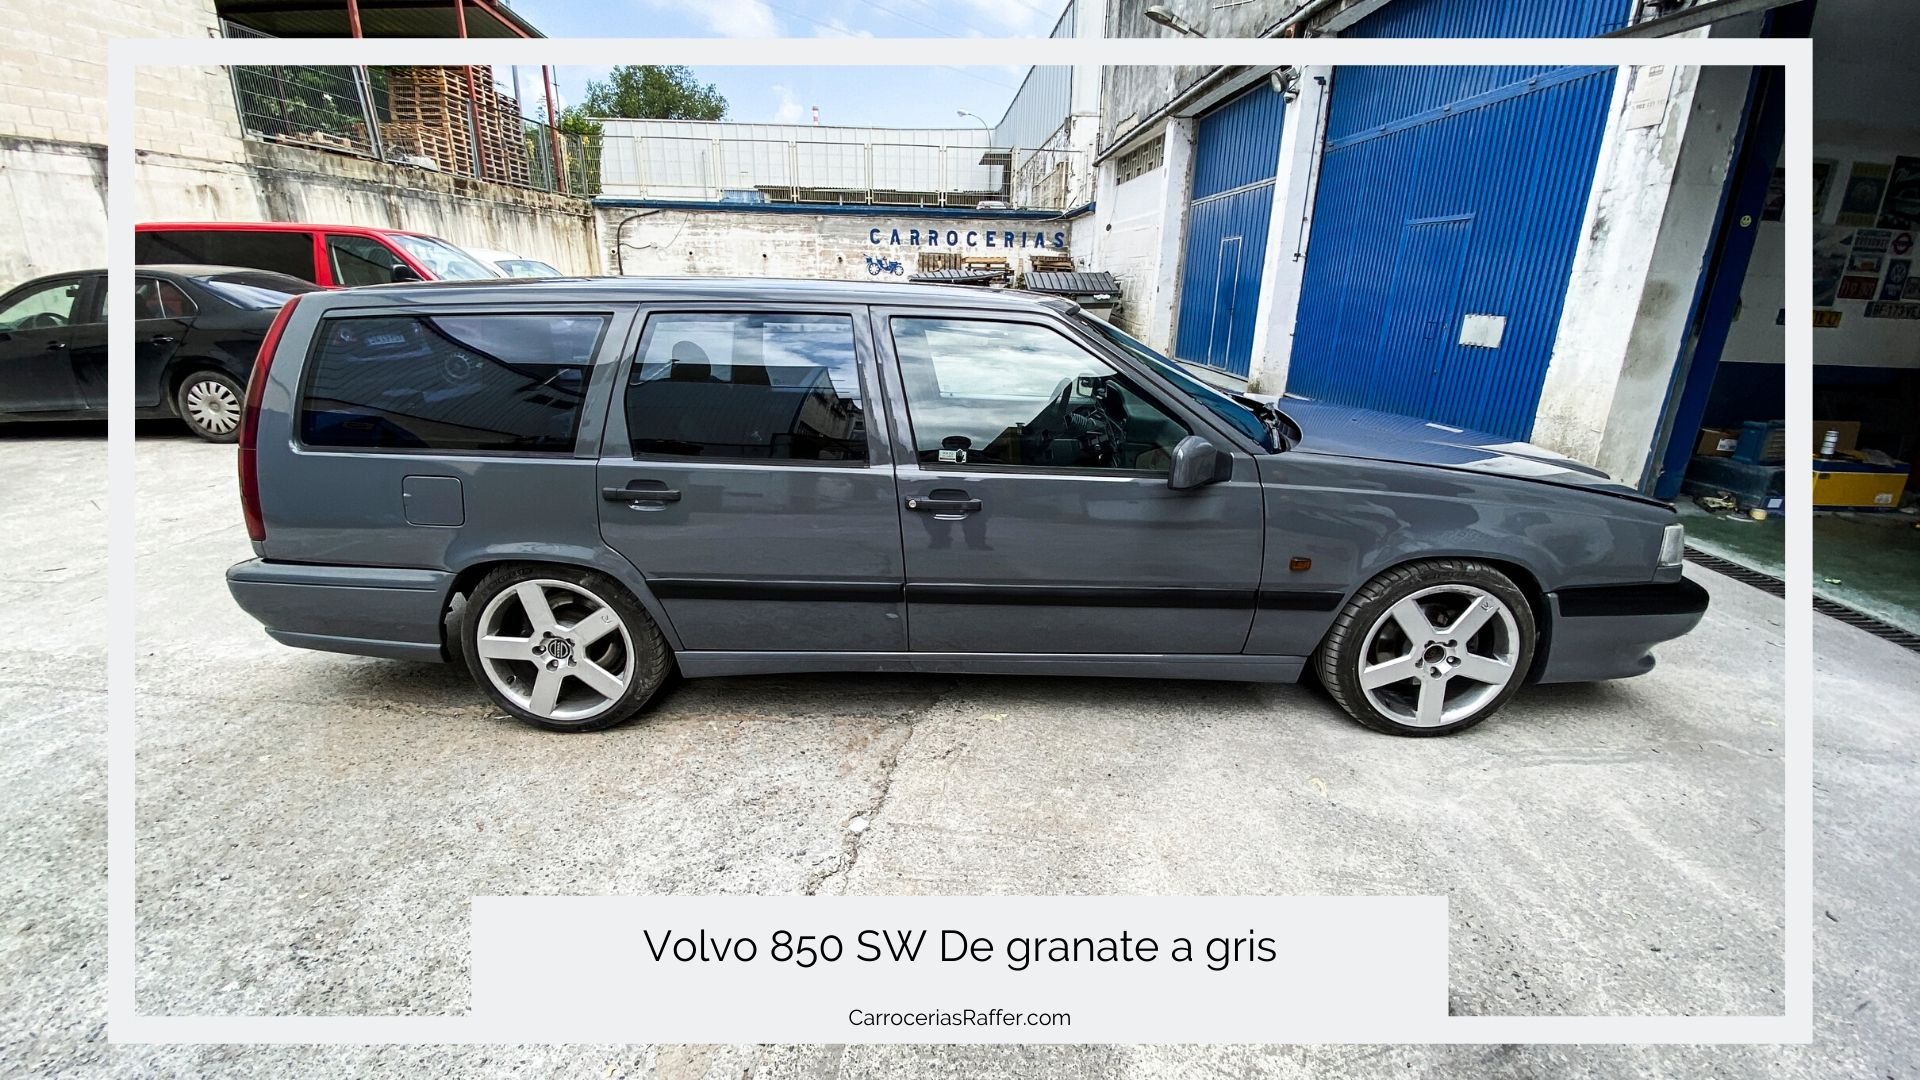 volvo 850 sw pintar coche de rojo a gris carrocerias raffer donostia hernani gipuzkoa taller de chapa y pintura portada 1